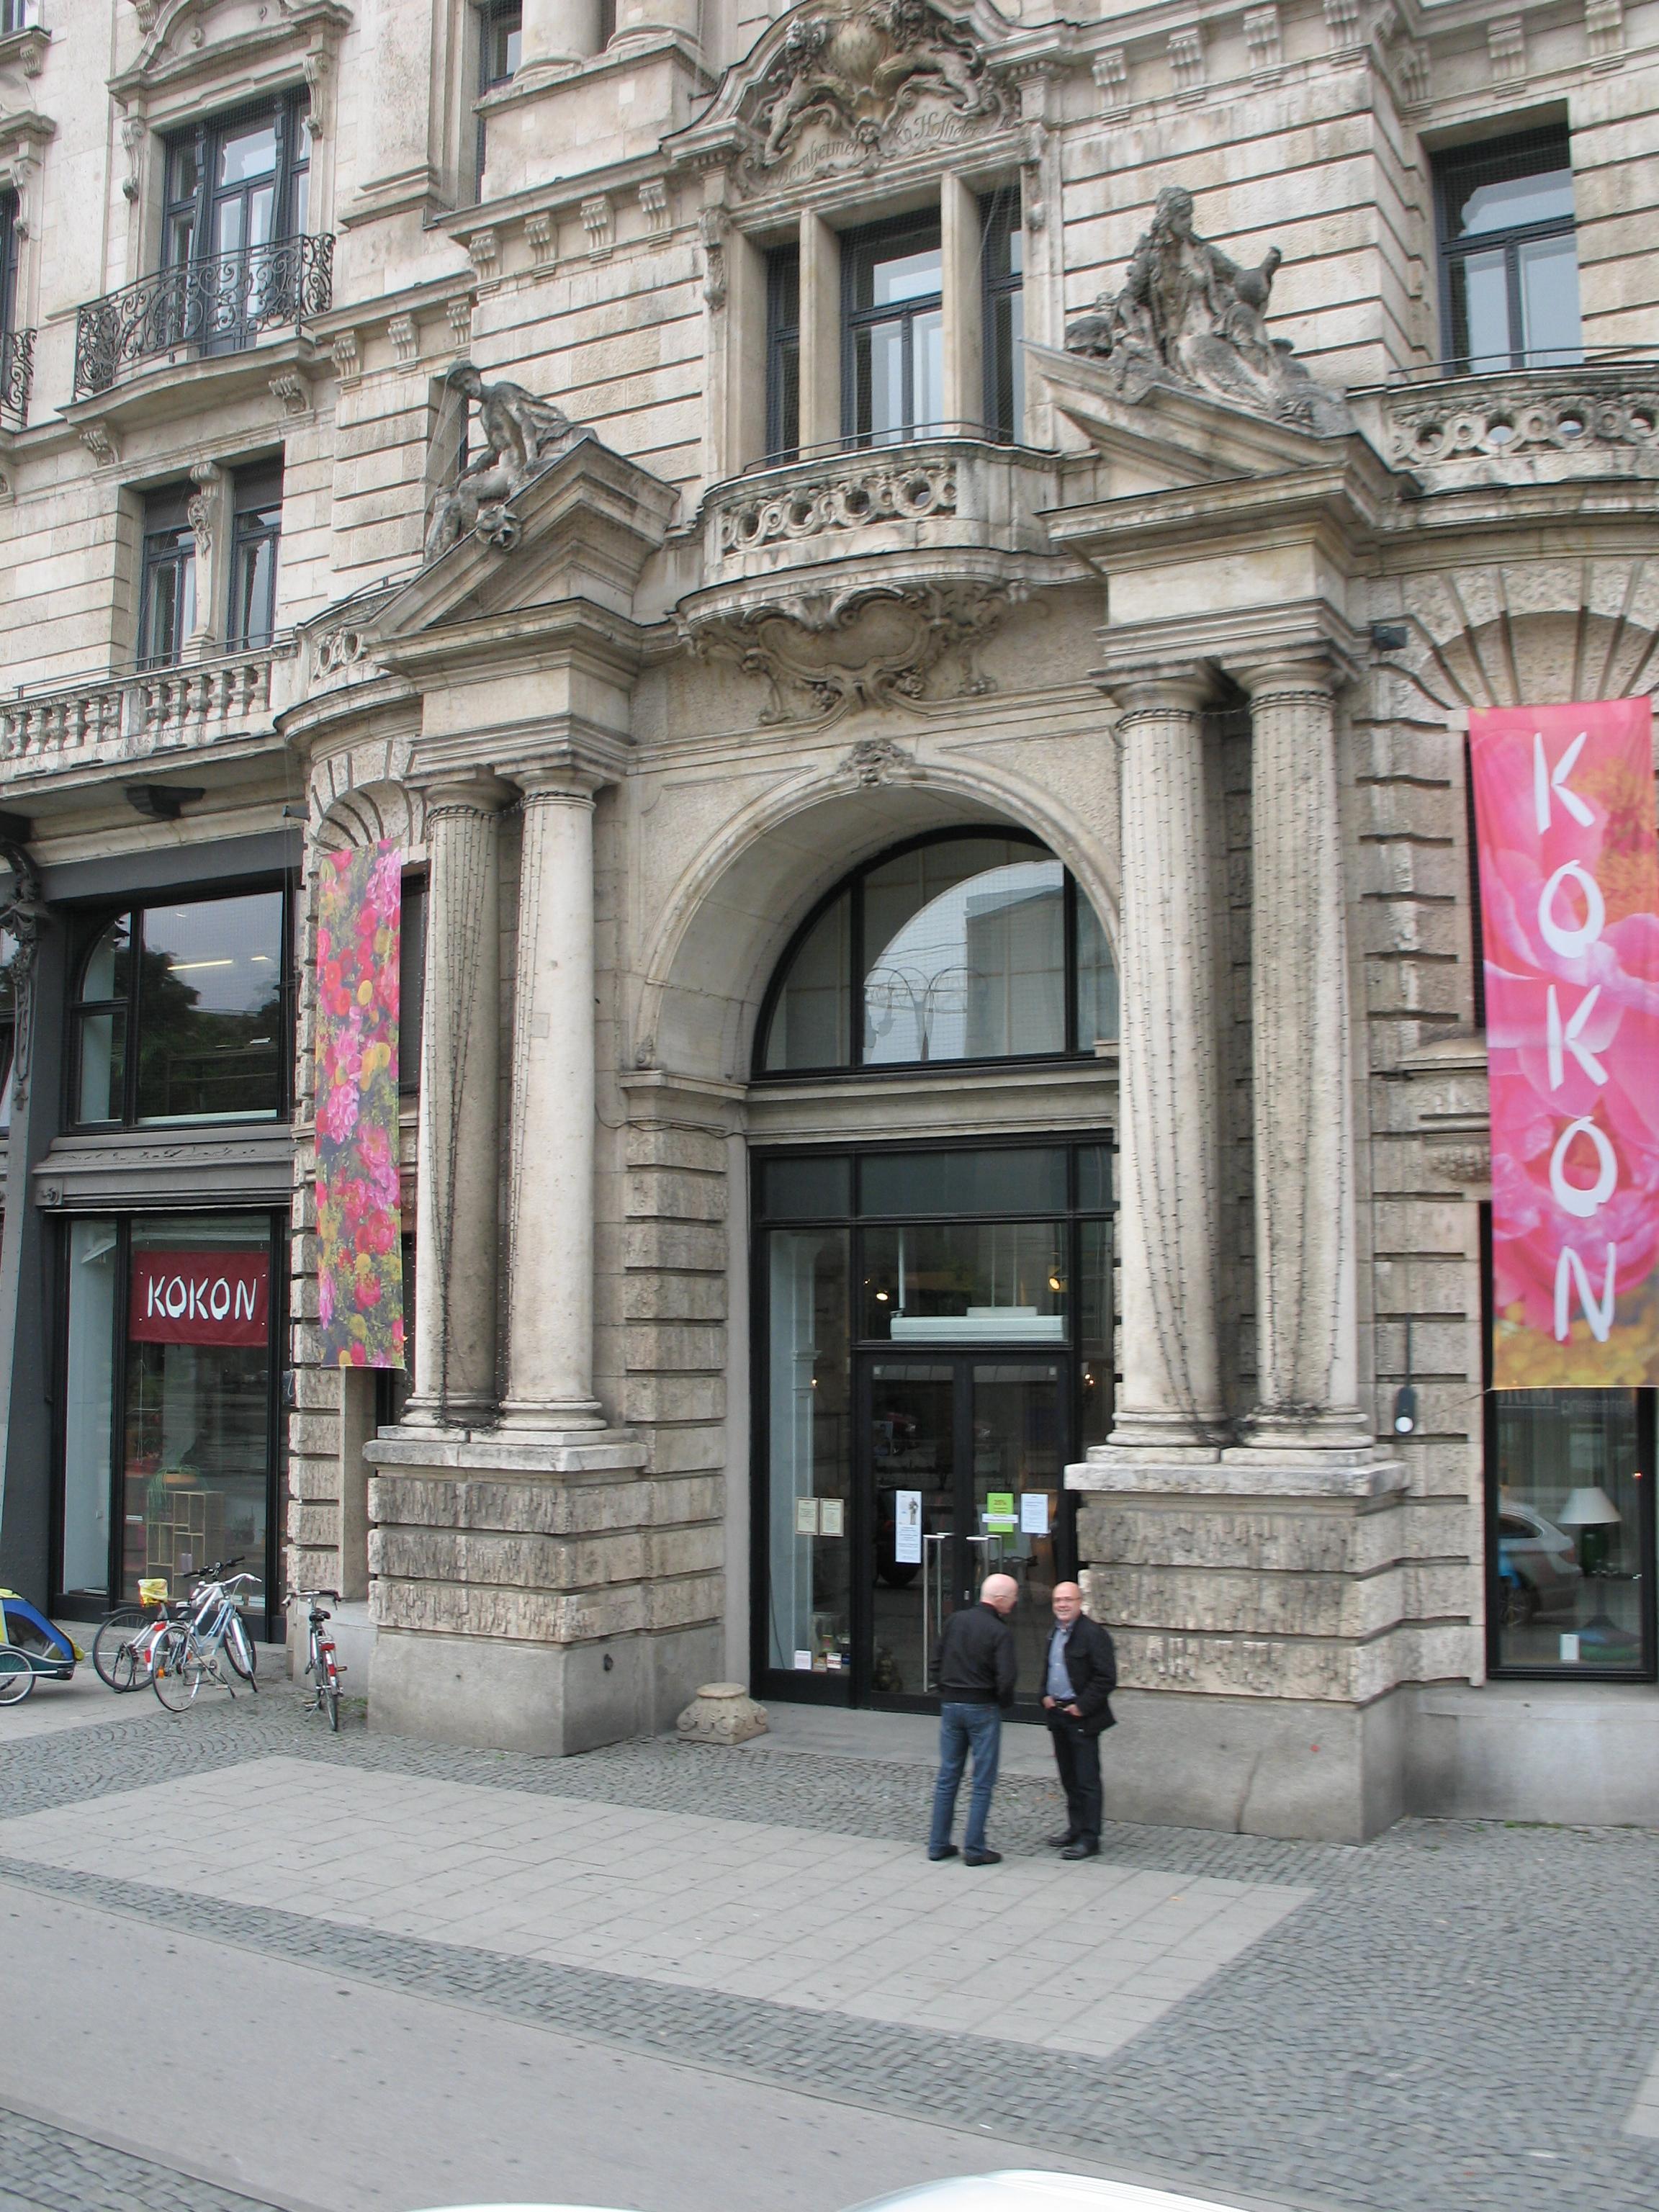 kokon münchen lenbachplatz